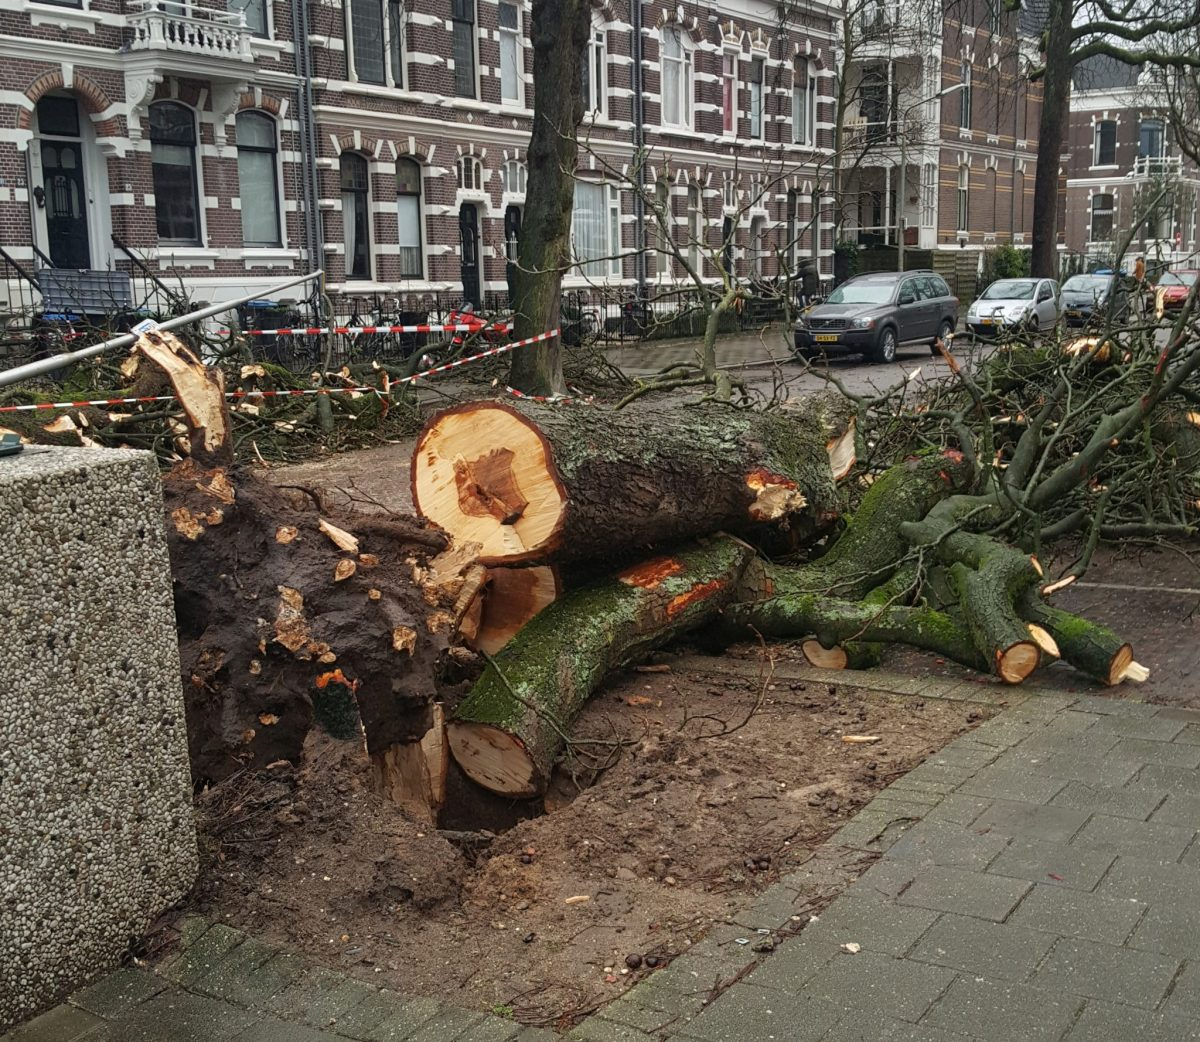 Van Slichtenhorststraat